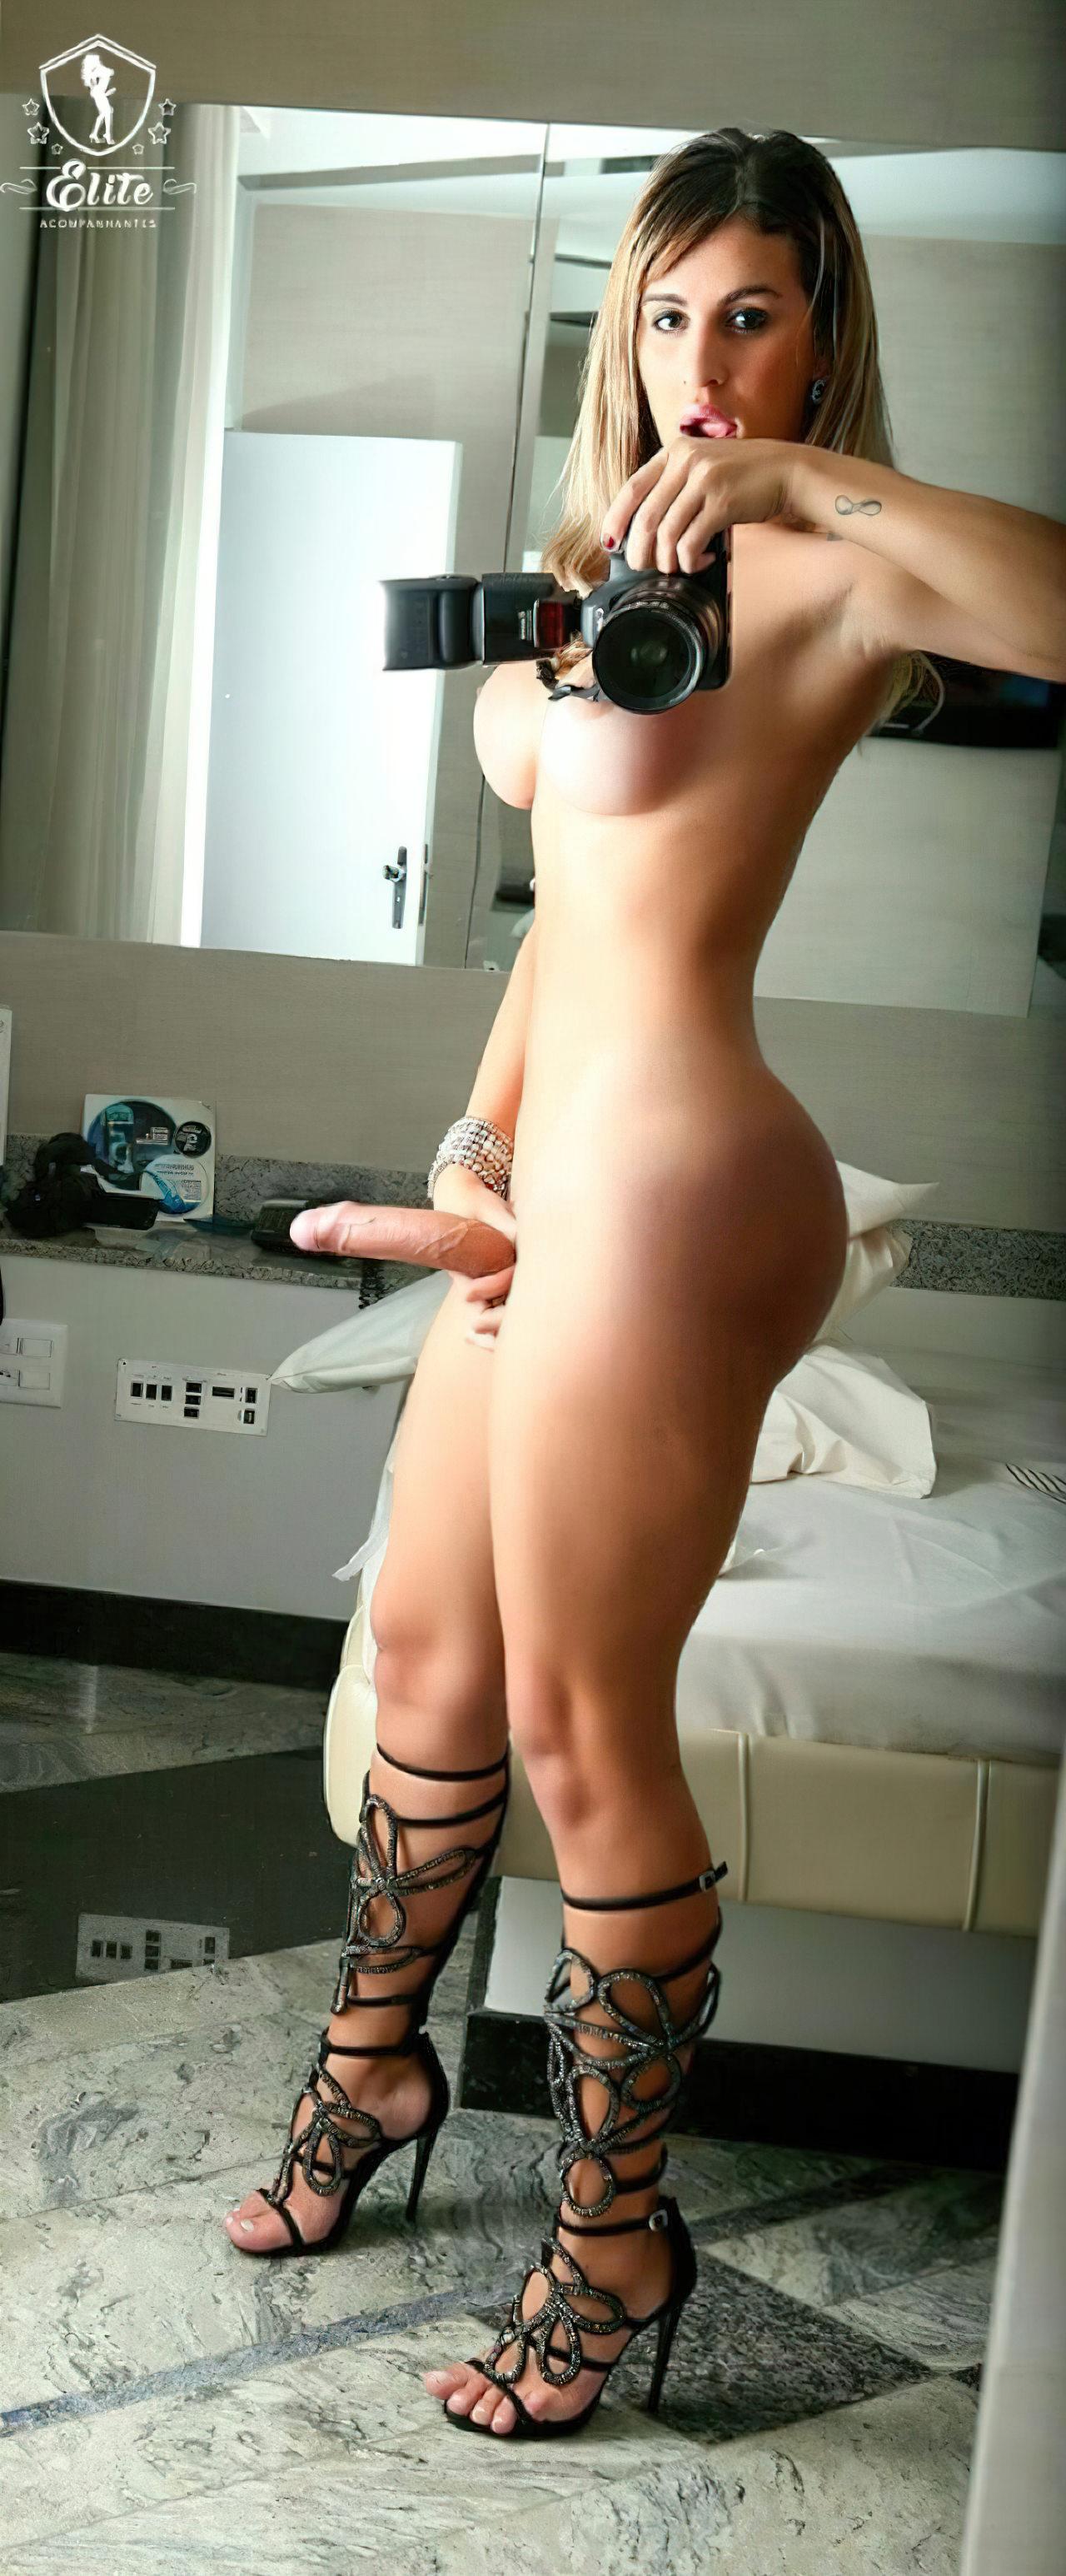 Imagens de Travestis (34)